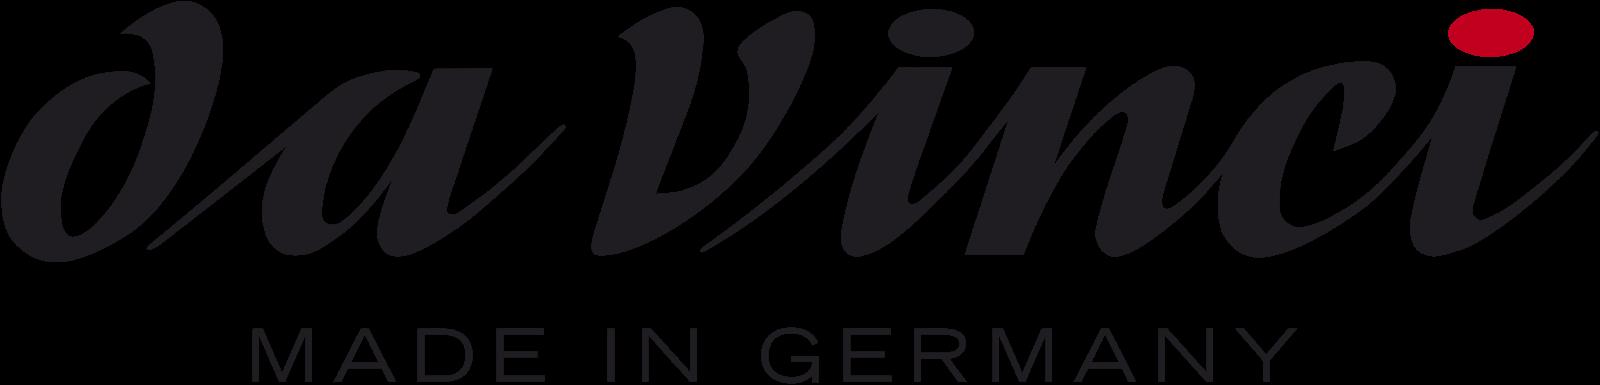 USk Treffen 2016 Sponsor